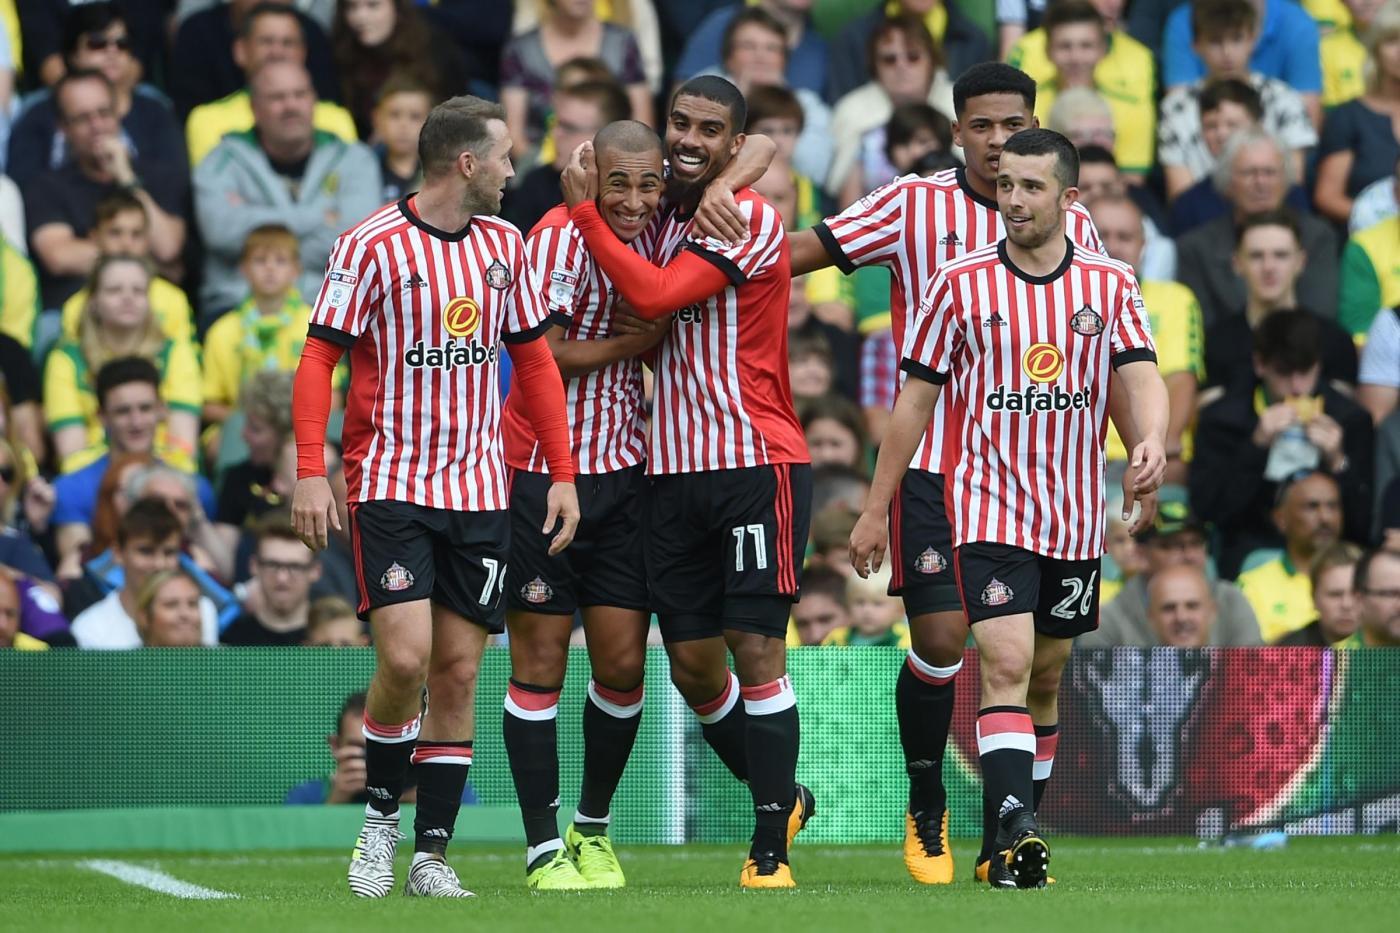 Accrington-Sunderland 3 aprile: si gioca il recupero della 21 esima giornata della Serie C inglese. Ospiti favoriti per i 3 punti.